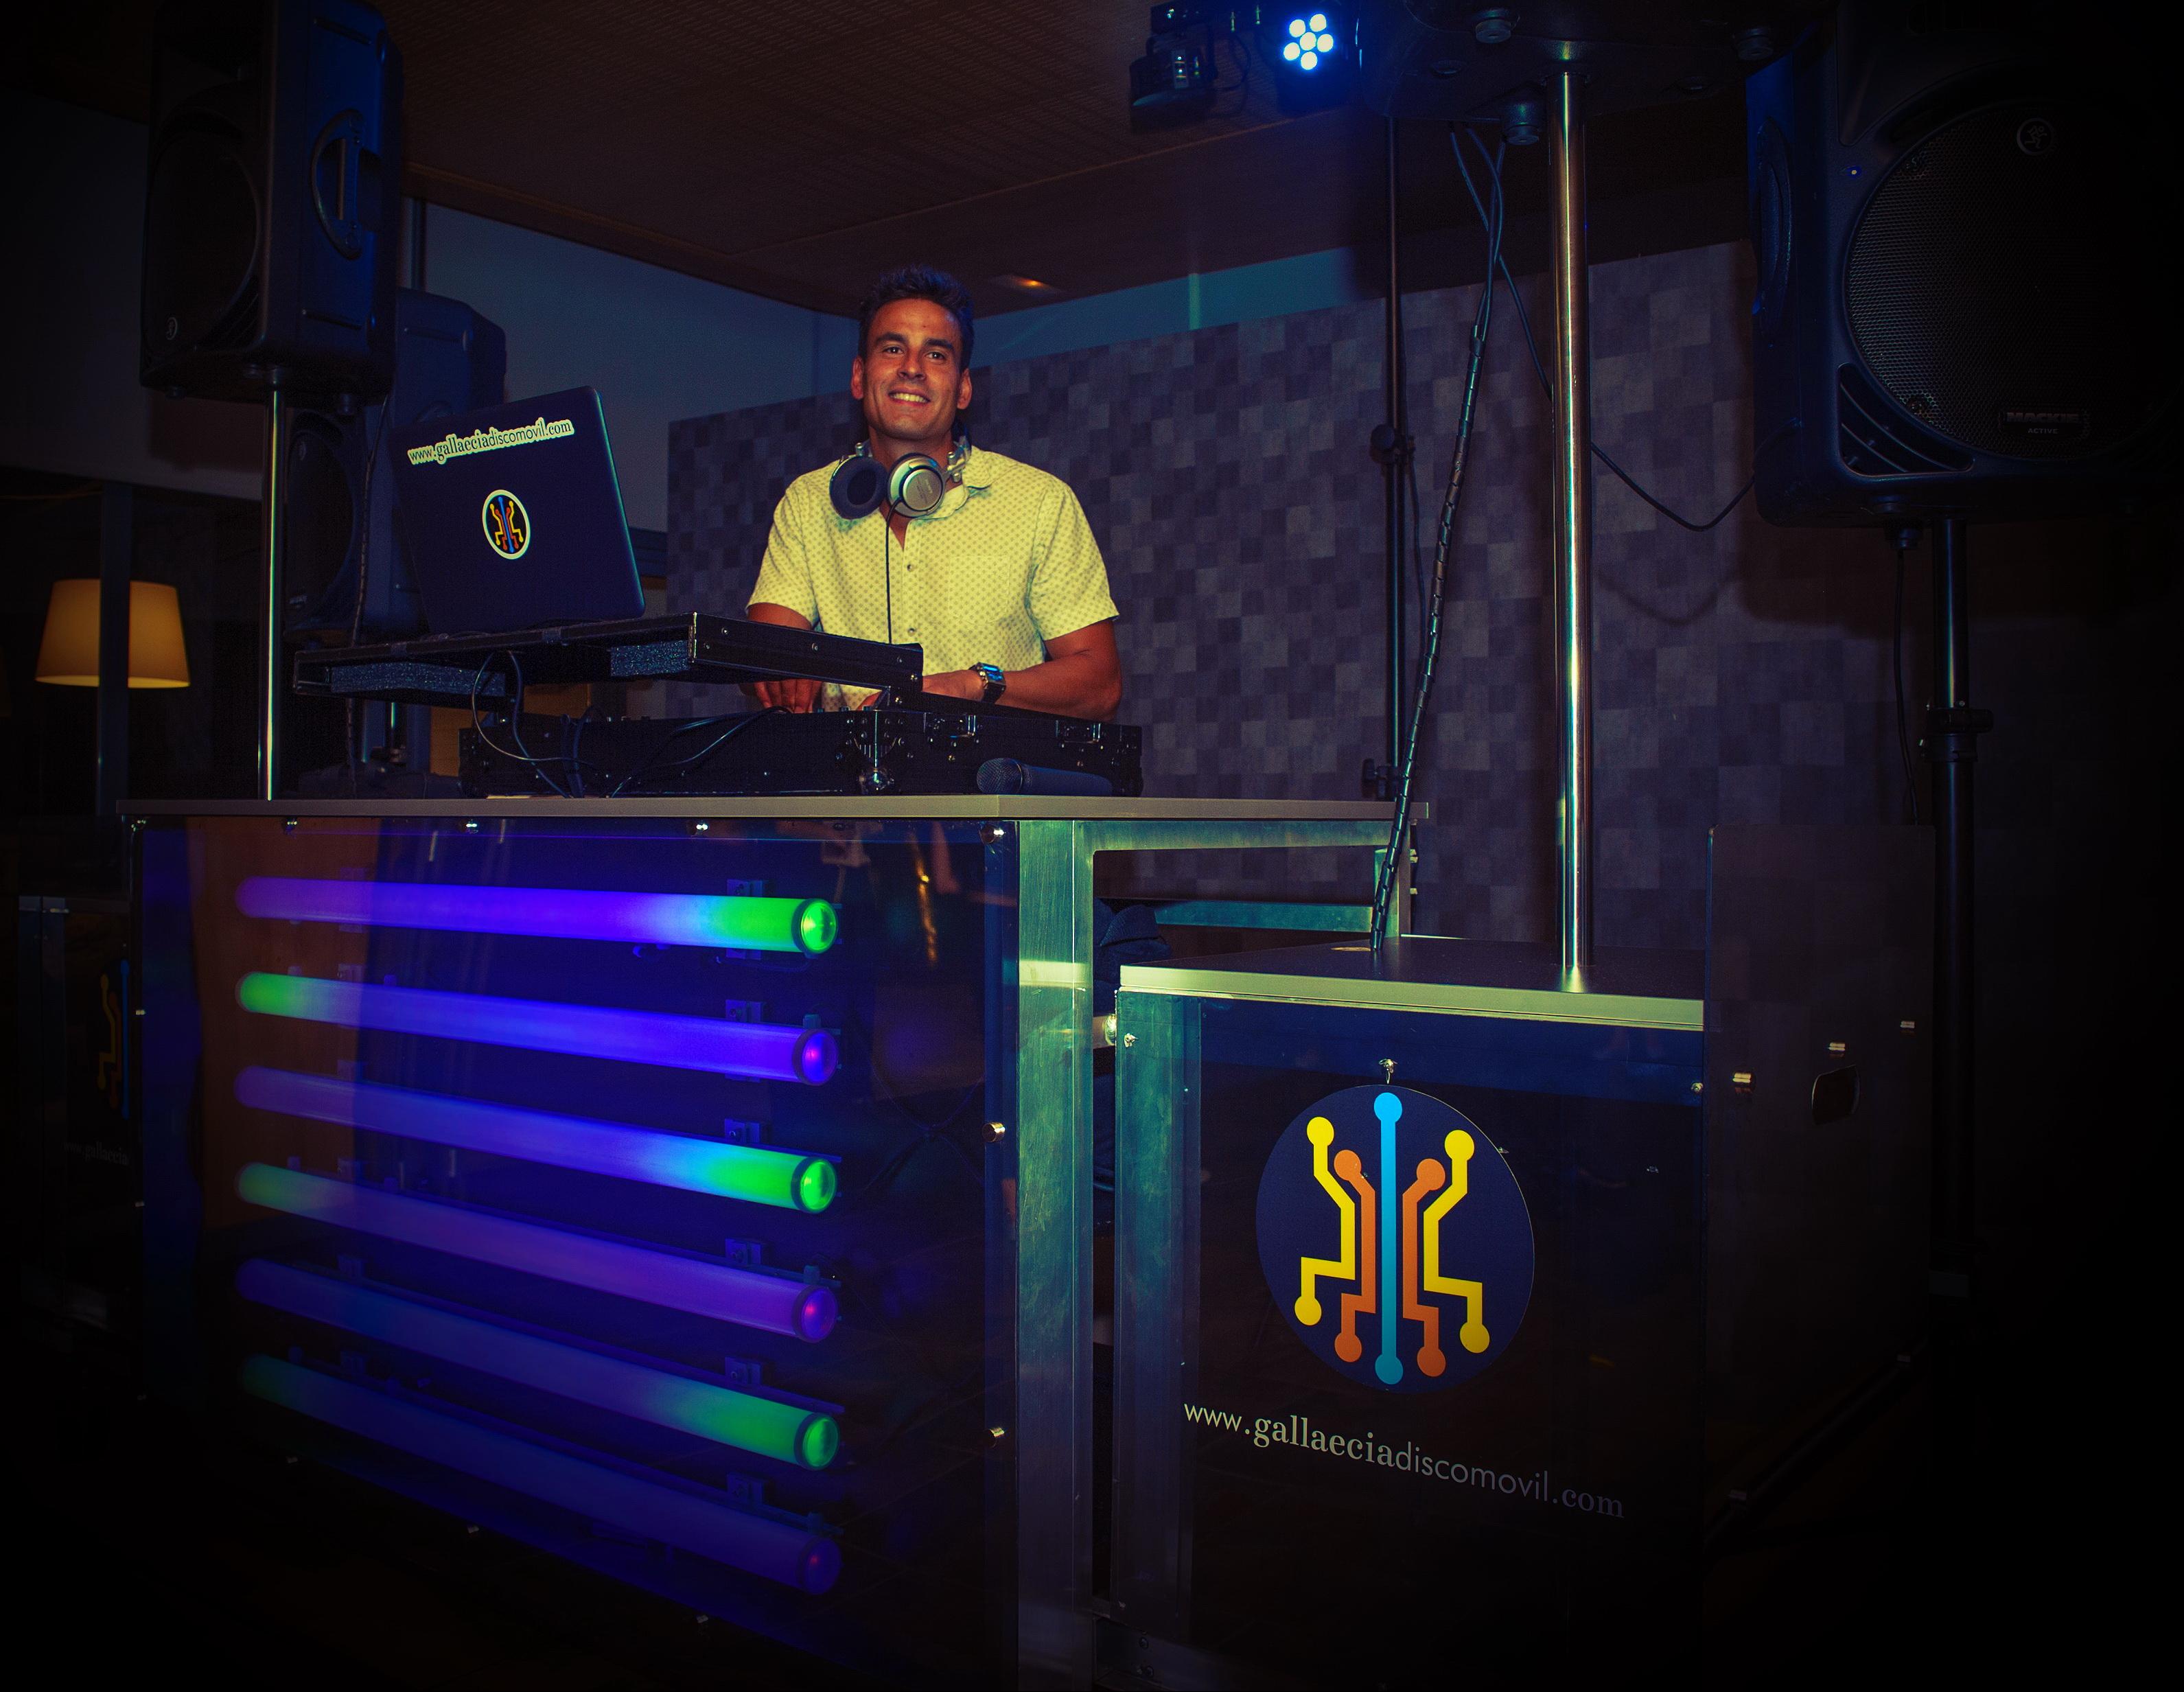 Sesion de dj personalizada a cargo de la discoteca mobil adecuada para una fiesta de boda